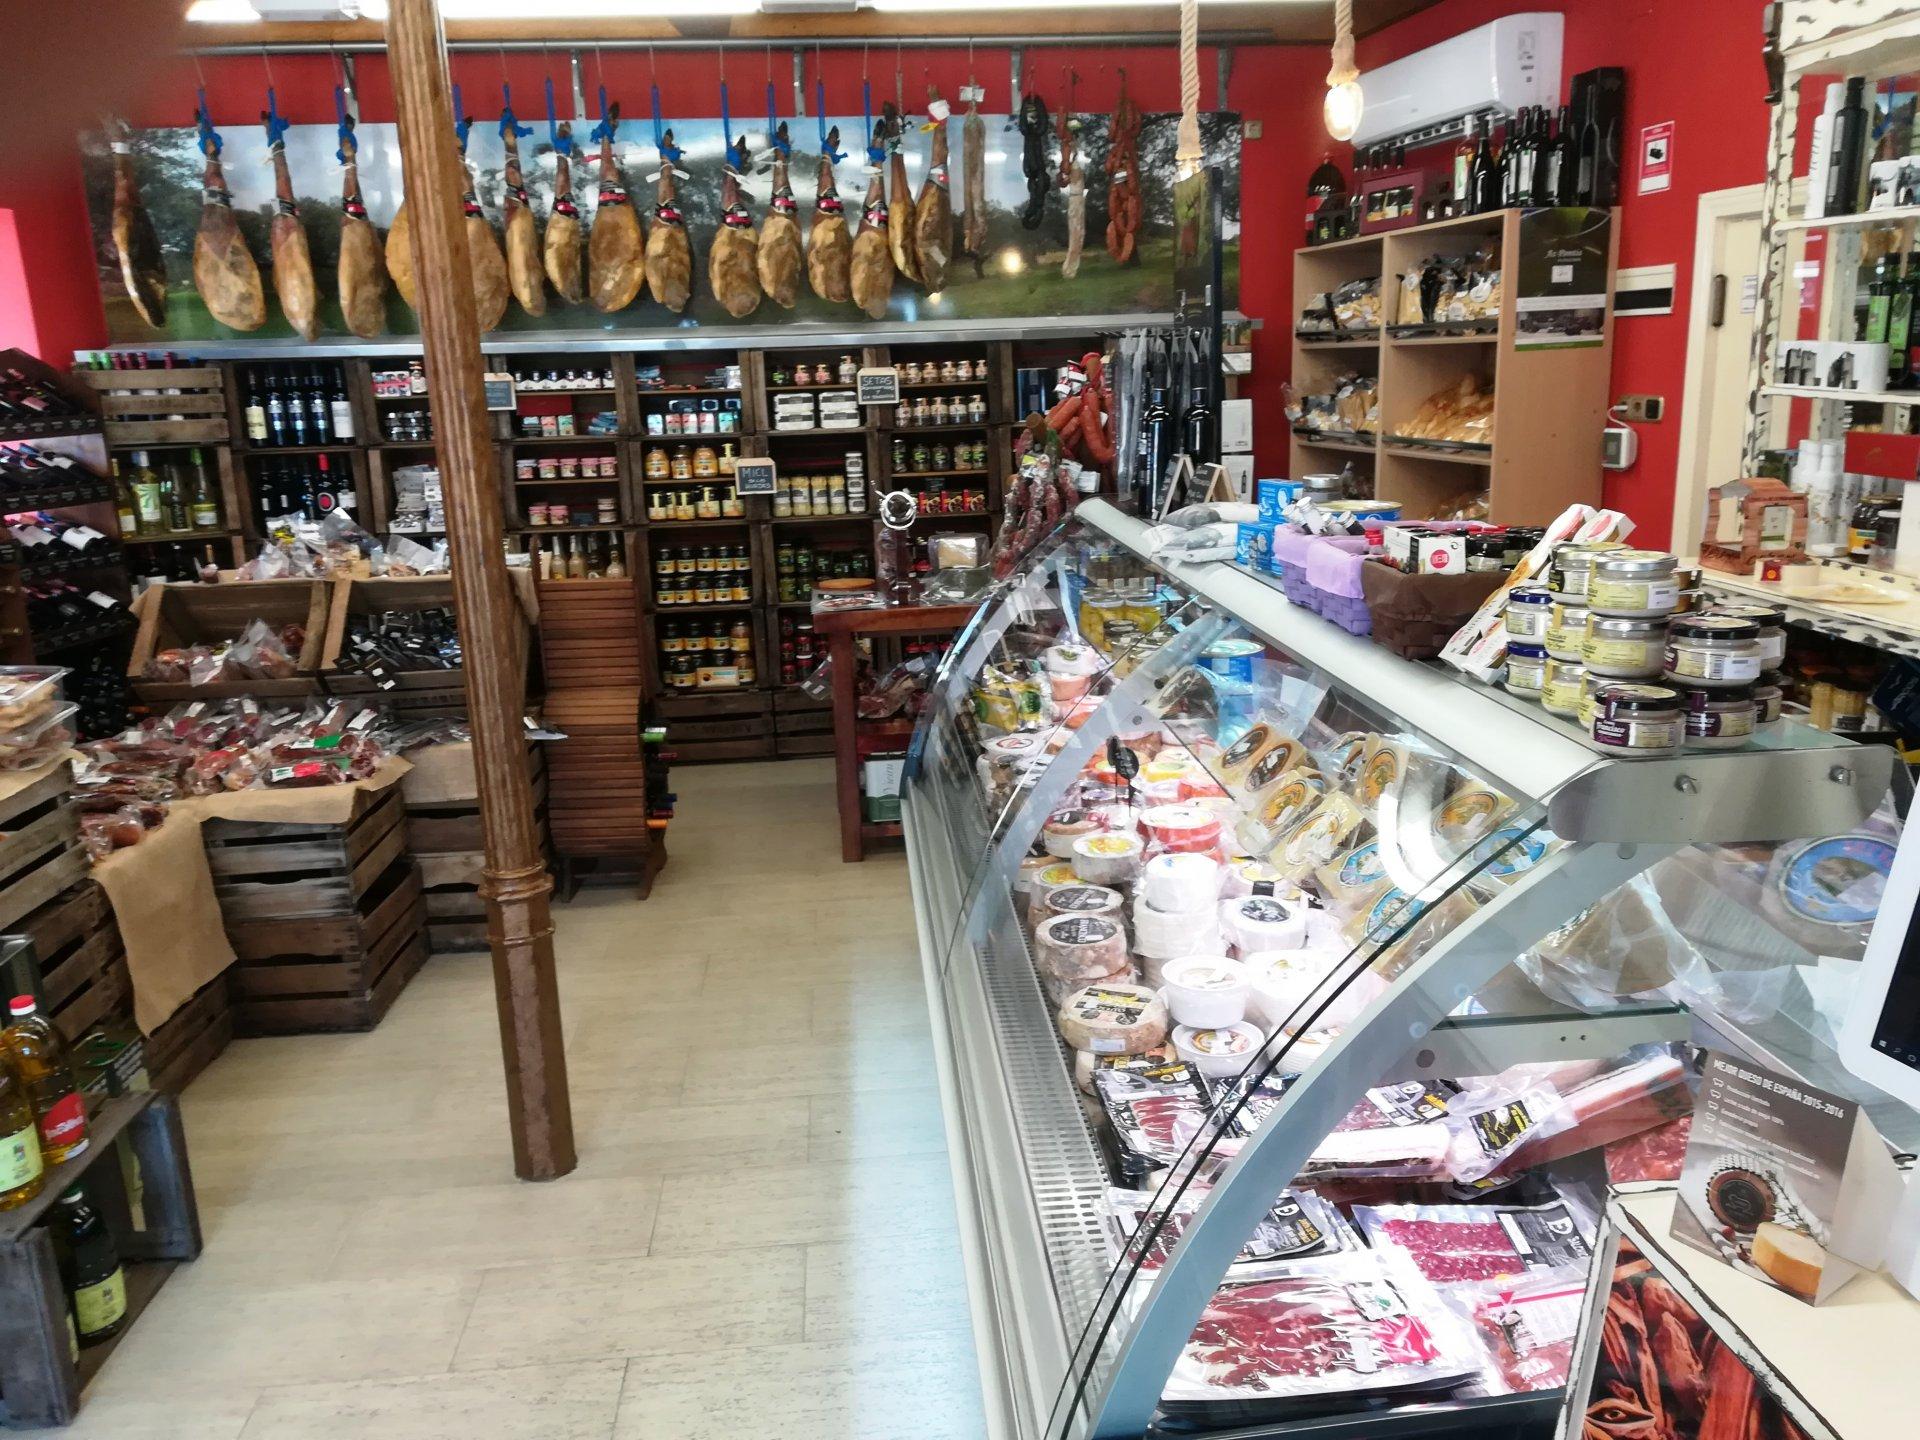 la-esquina-de-las-delicias-3.jpg